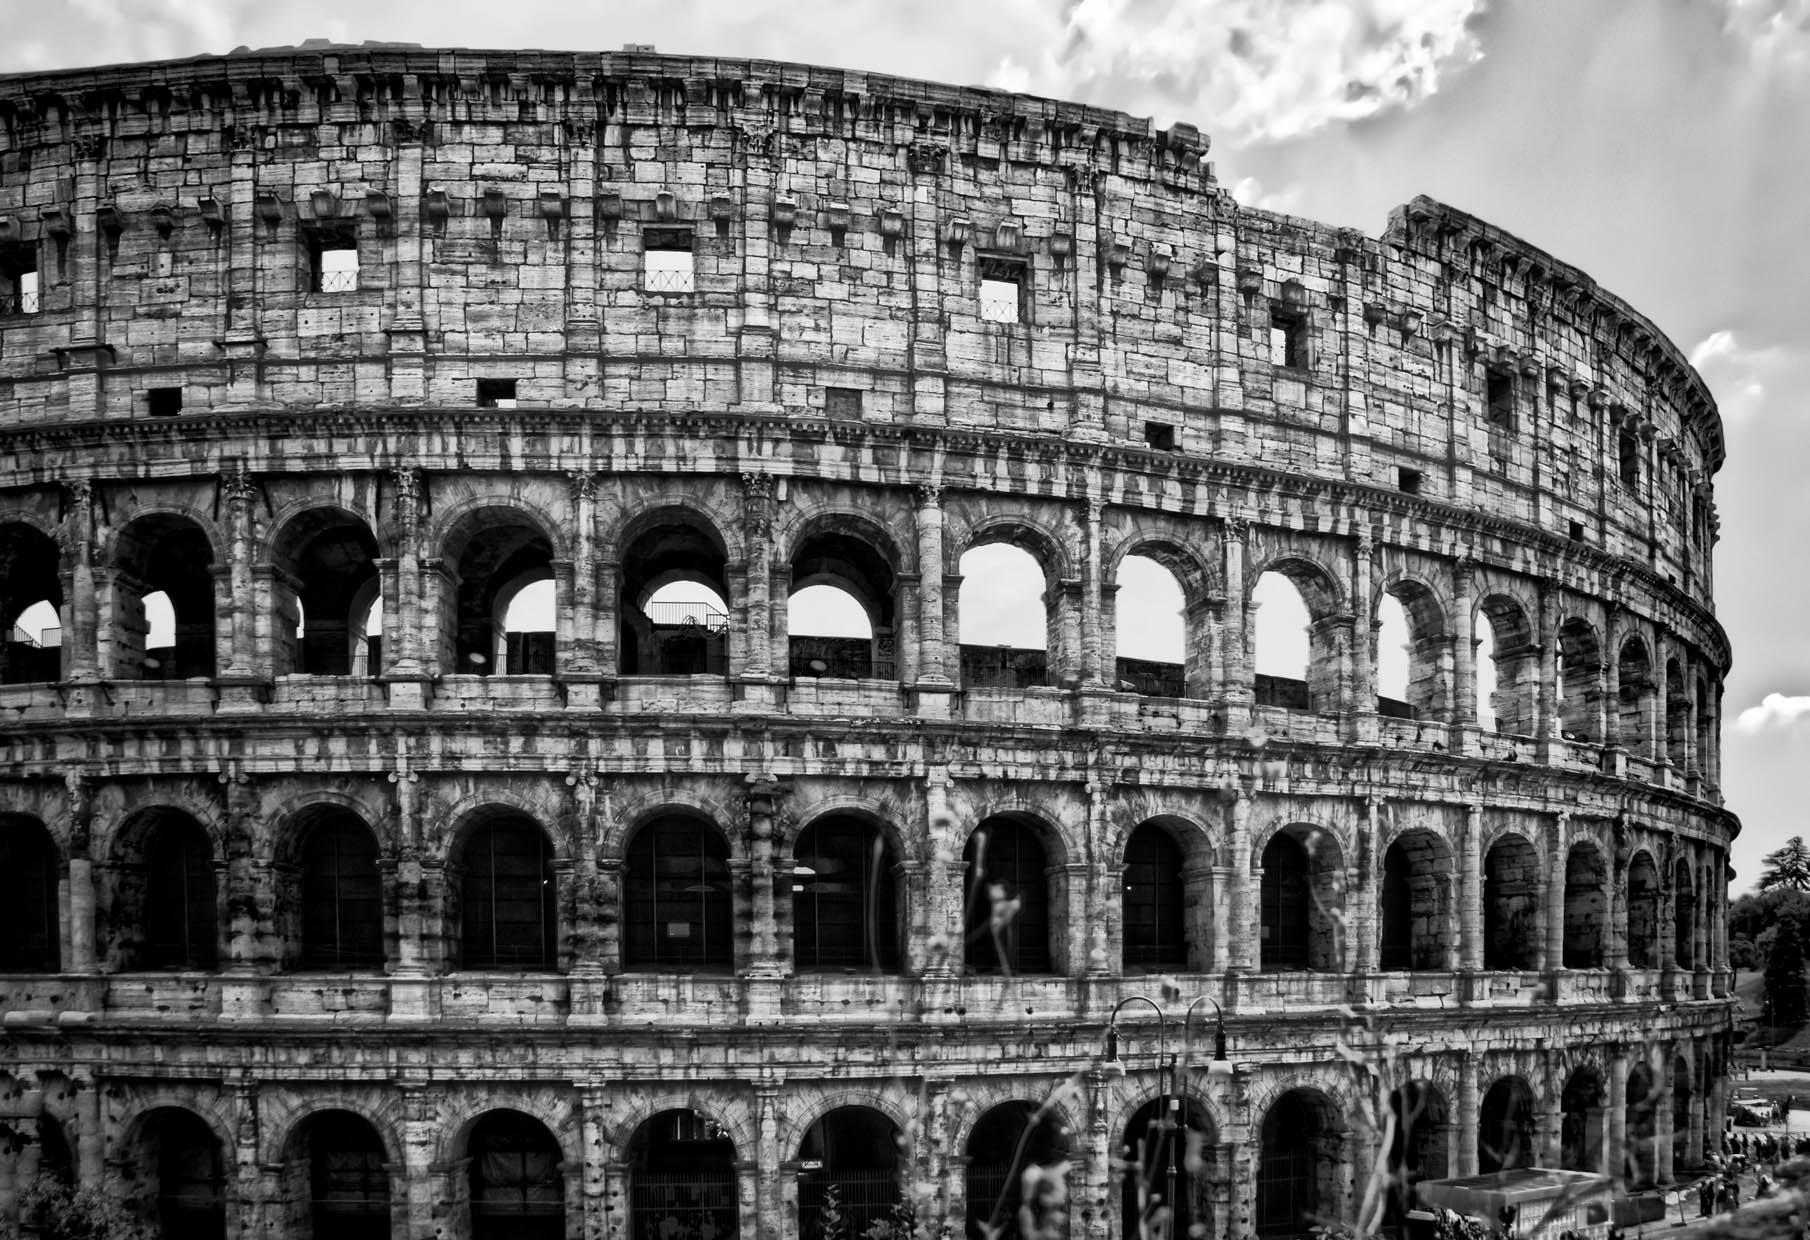 Colosseum_01-bw.jpg